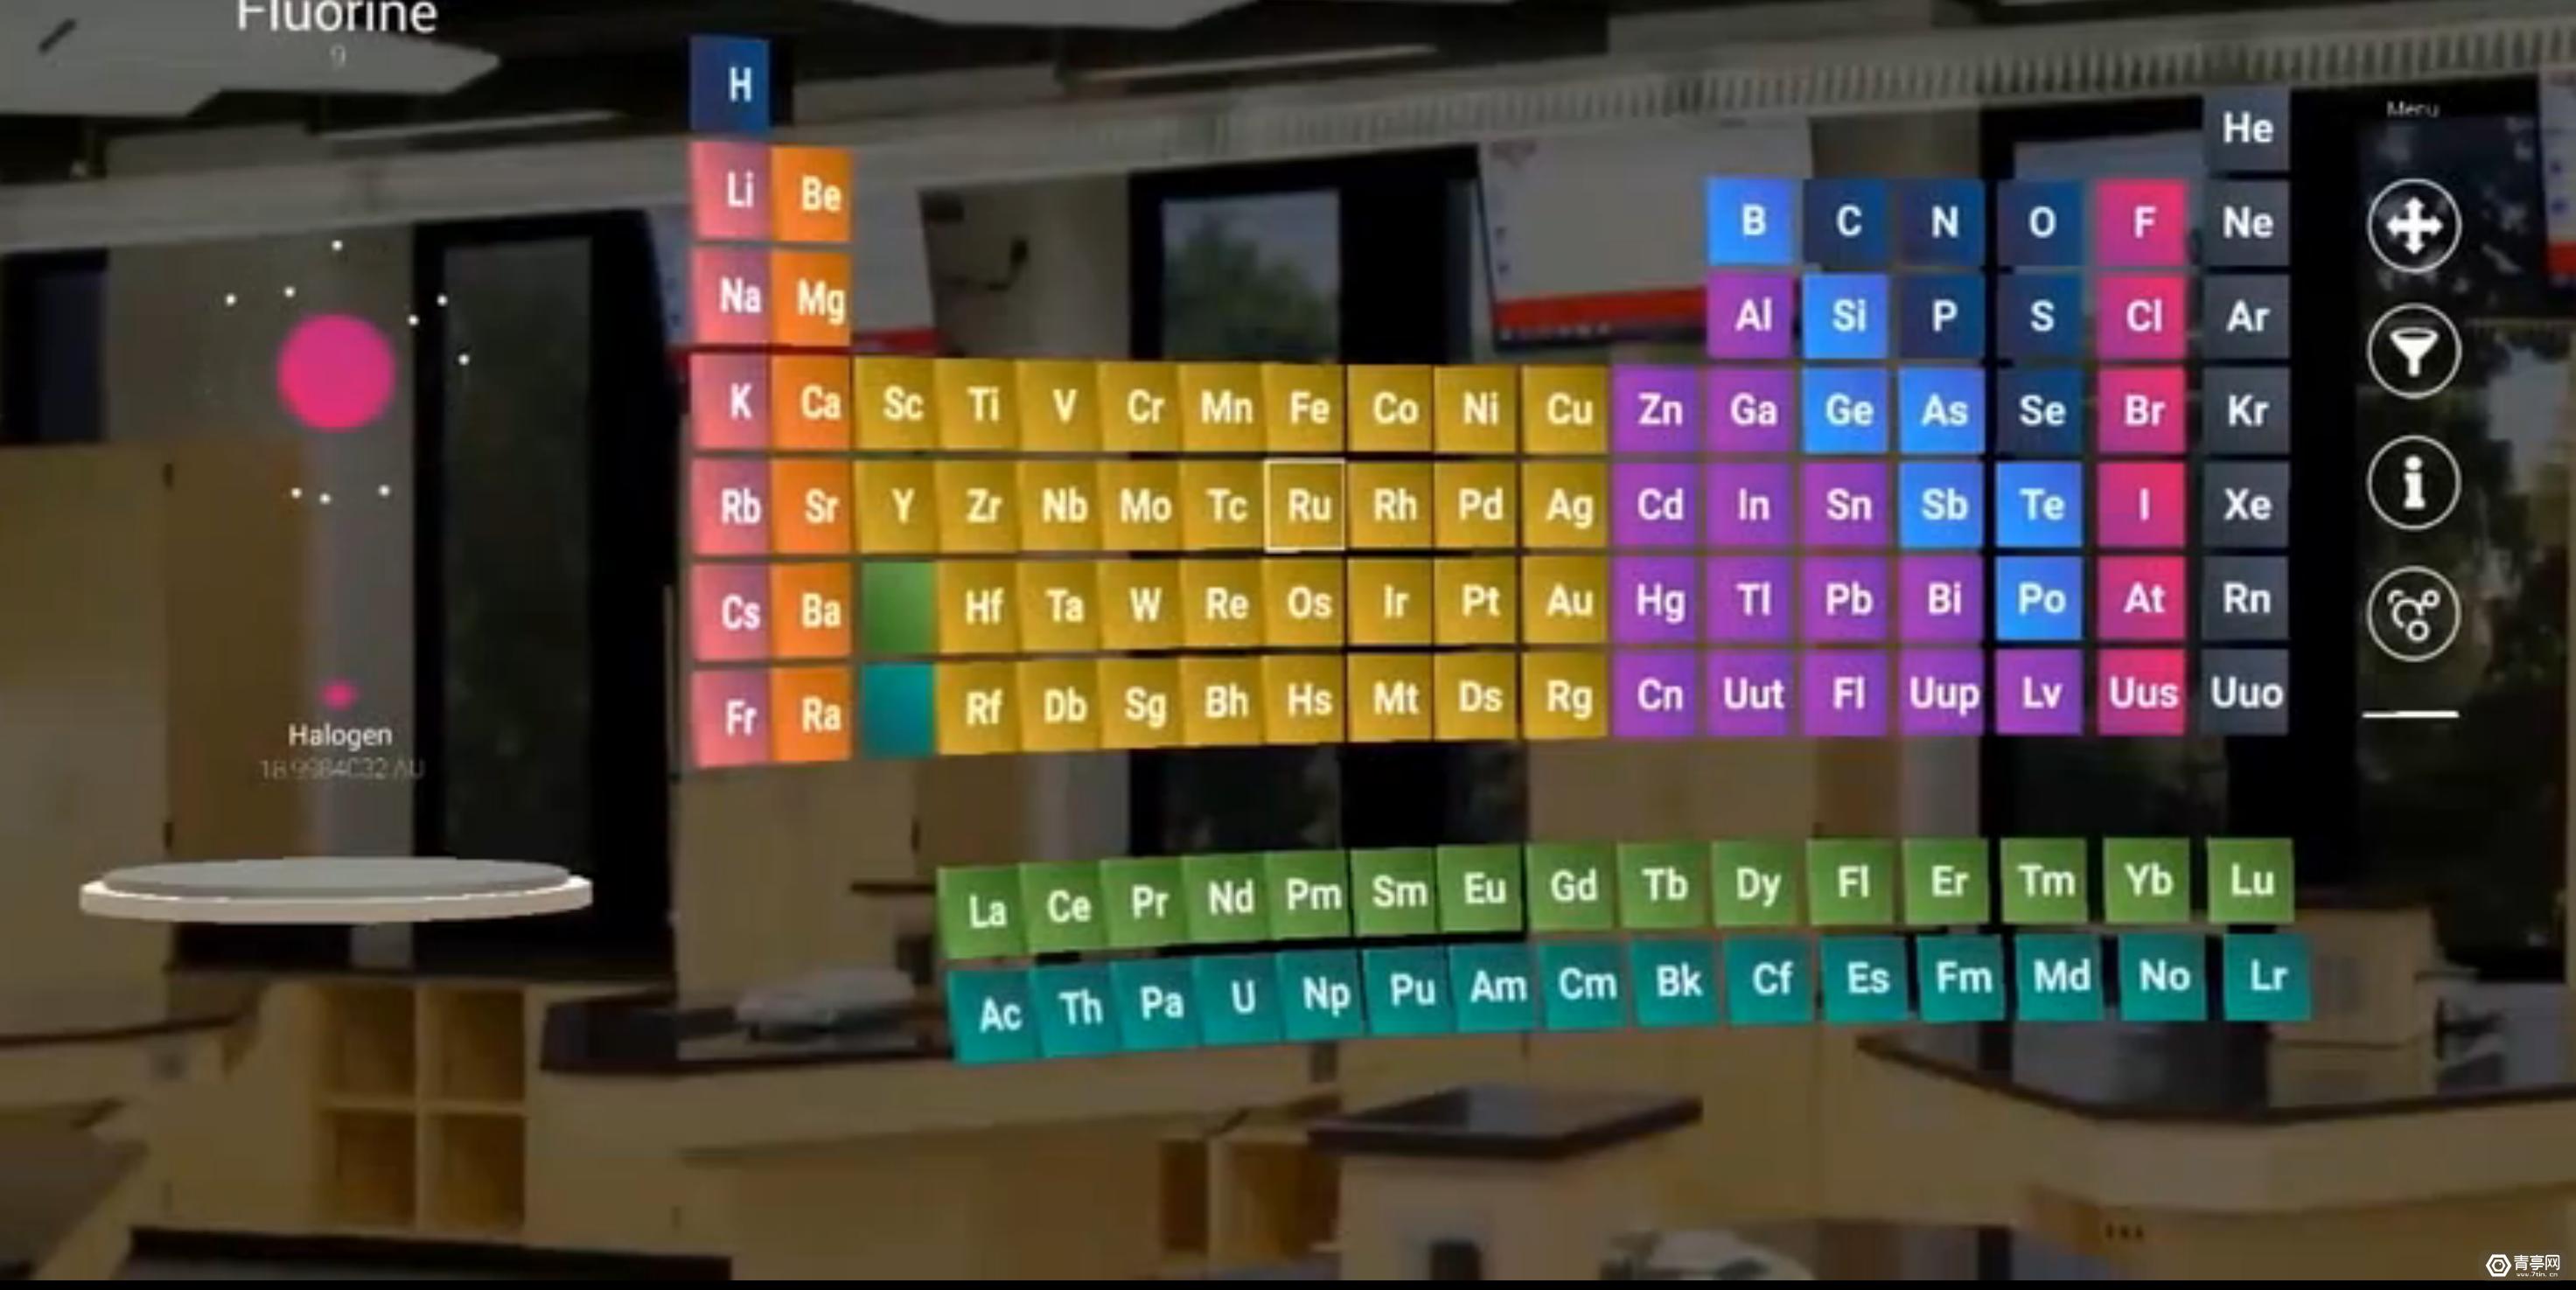 有了这款AR应用,再也不用担心孩子学不好化学